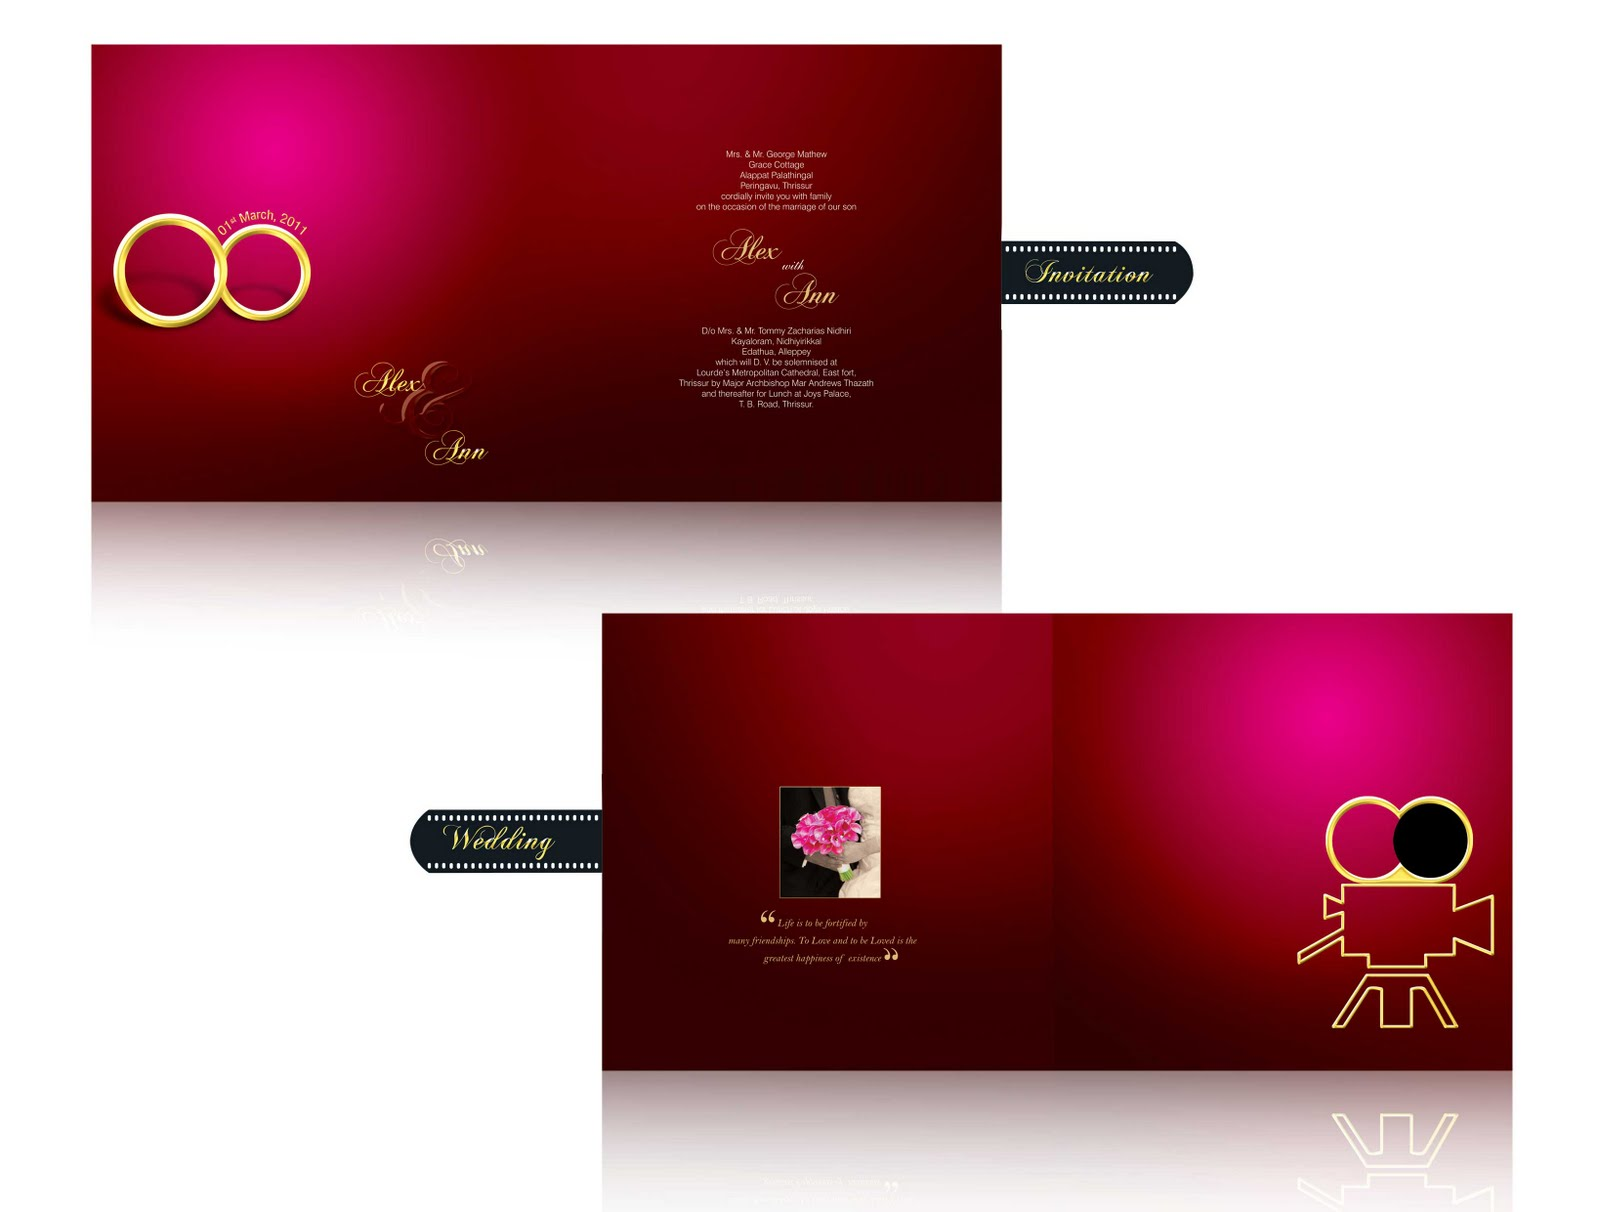 Photoshop tutorials designs wedding cards designs wedding cards designs stopboris Gallery